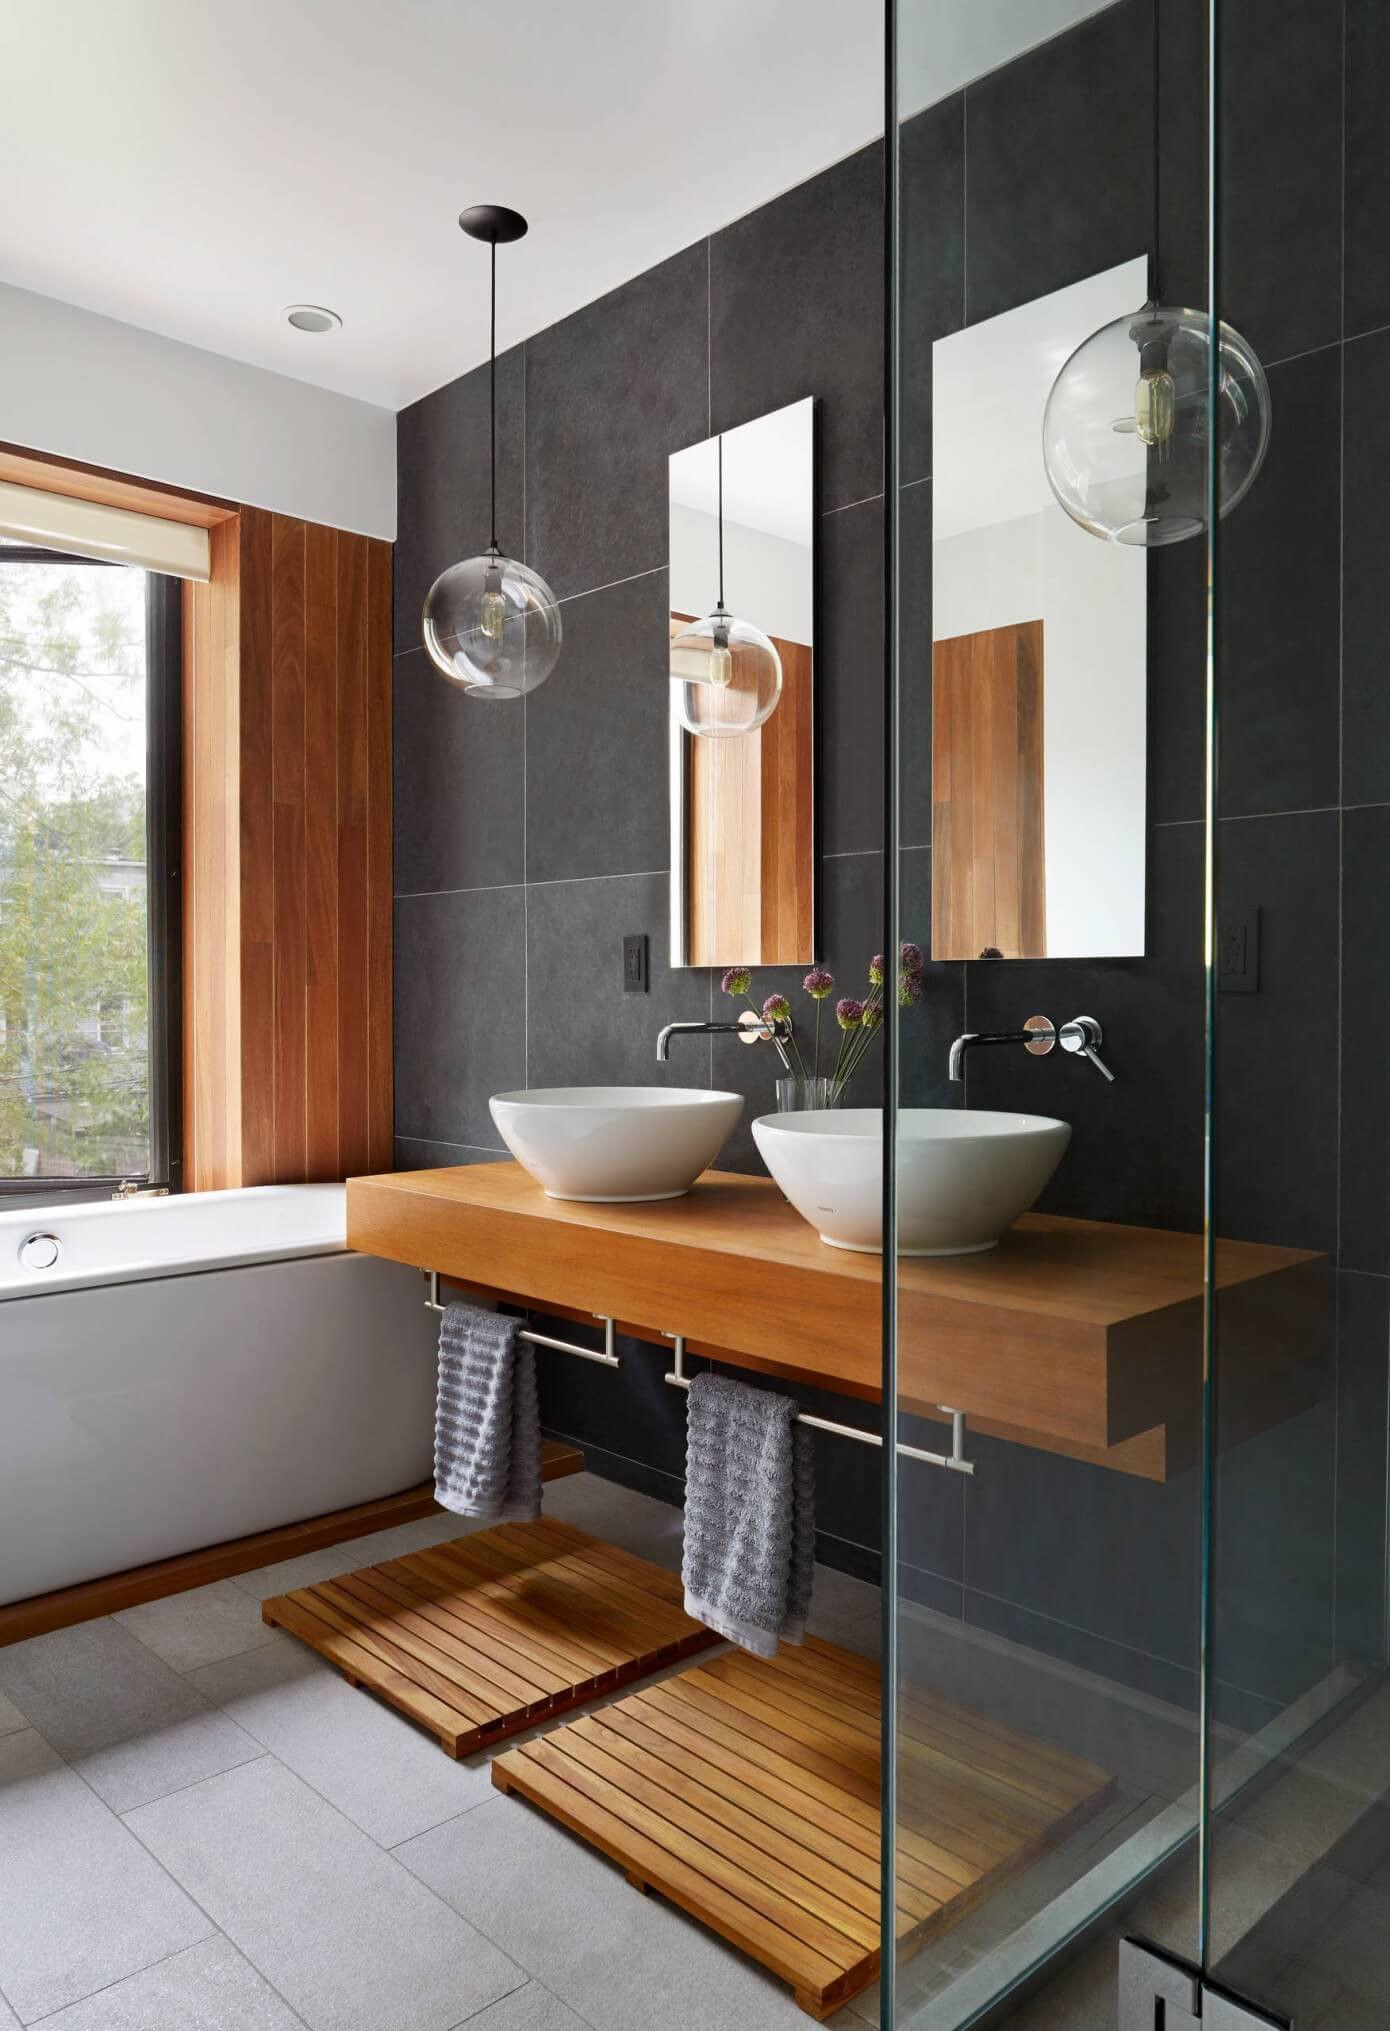 10x de mooiste badkamers met waskommen | House, Bathroom designs and Ze Bathroom Designs More on berserk design, ns design, pi design, er design, setzer design, dj design, blue sky design, dy design, color design, l.a. design,